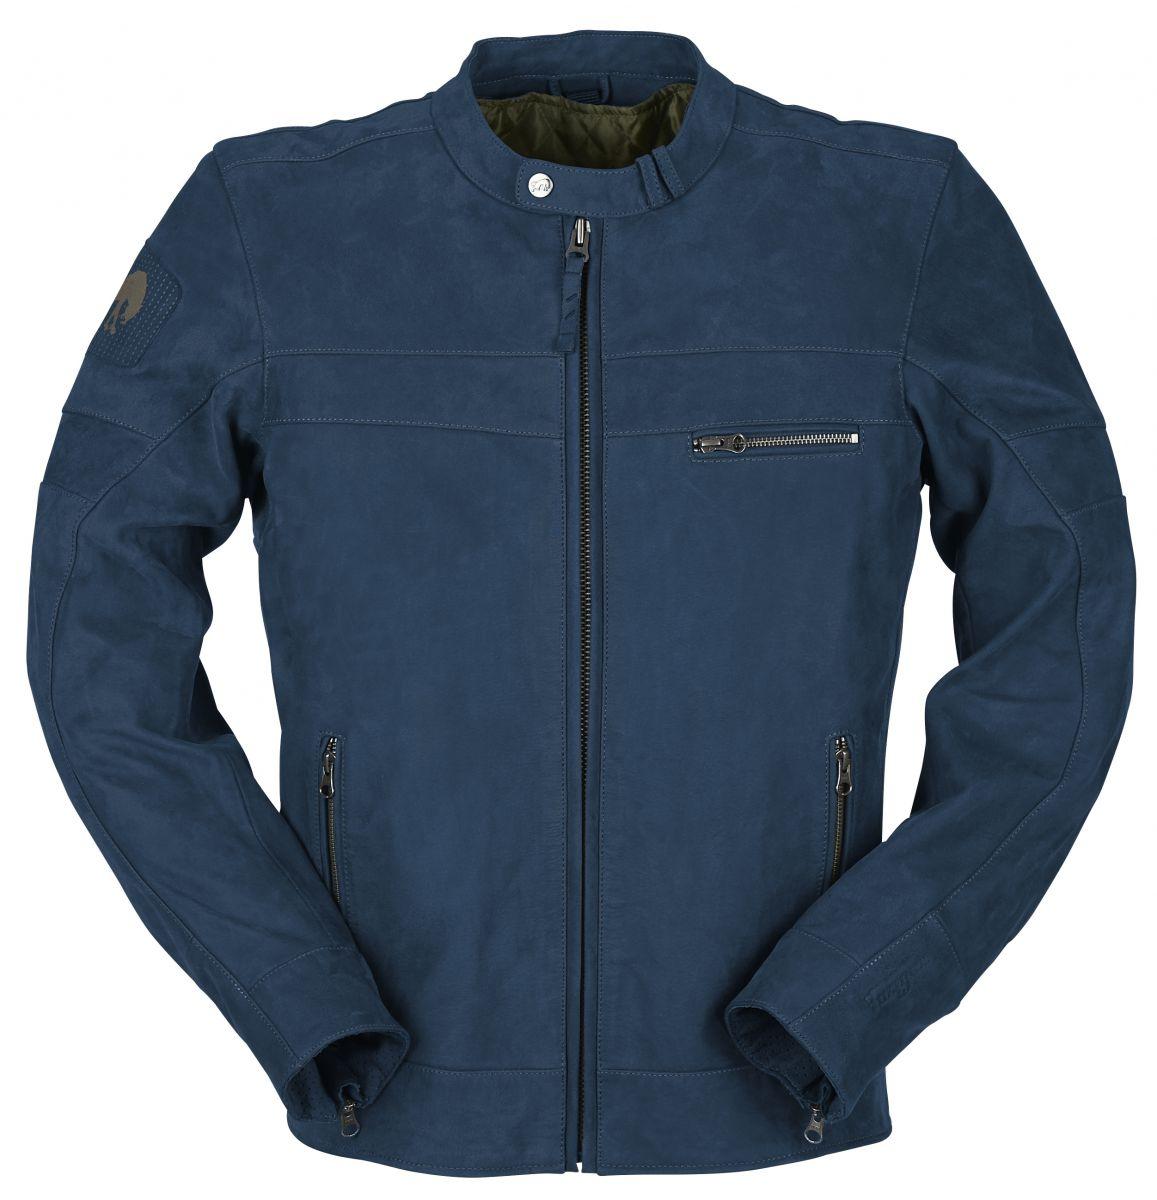 Furygan 6002-5 Jack Glenn Blue 3XL